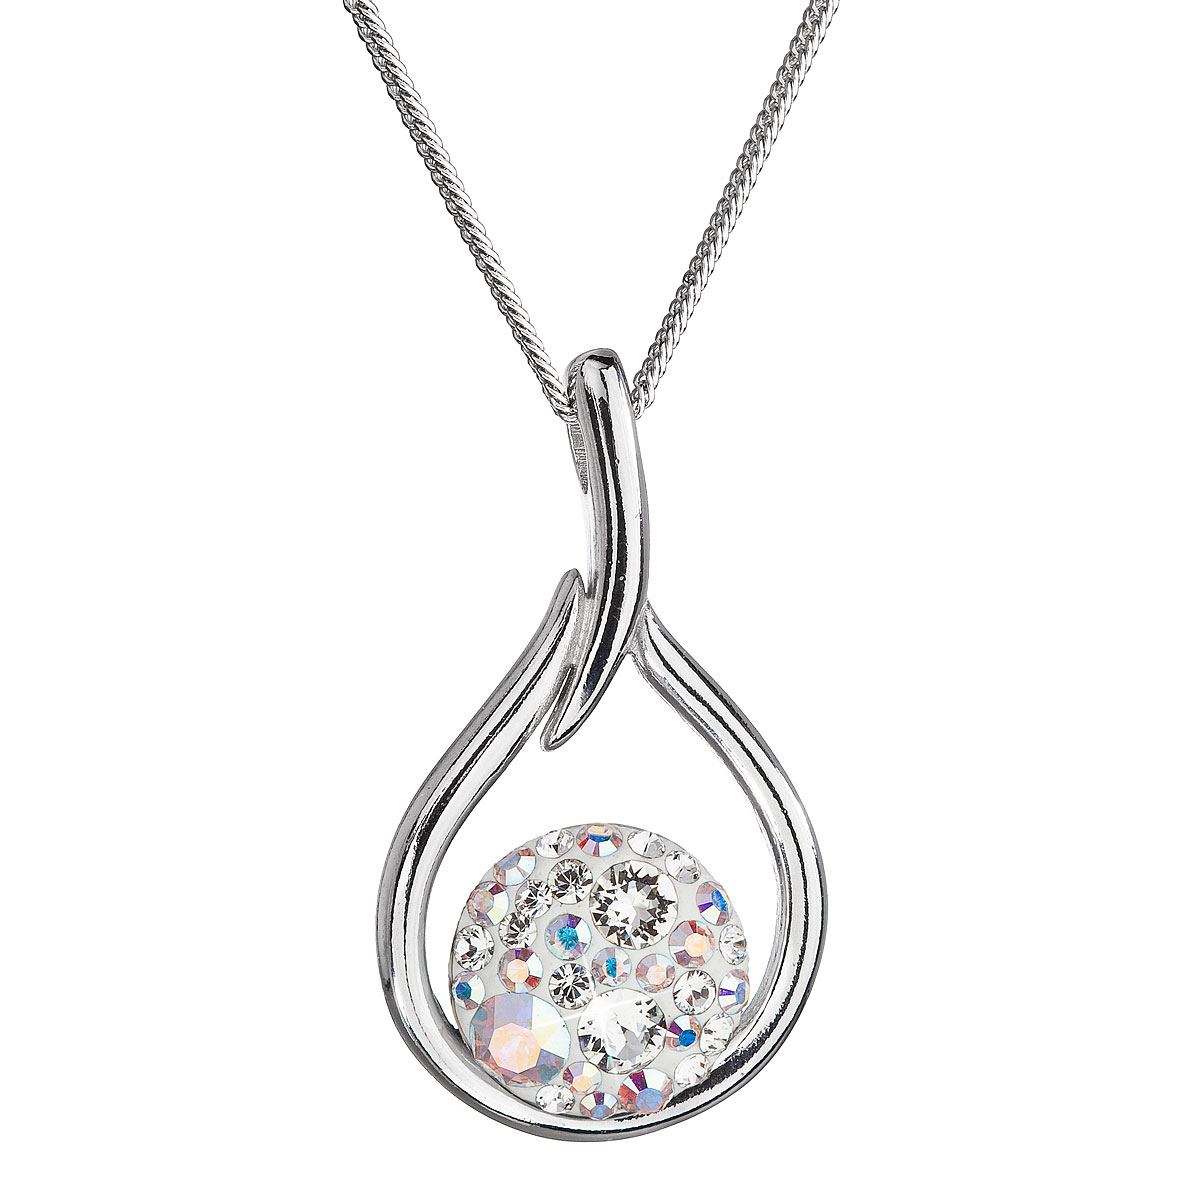 Evolution Group Stříbrný náhrdelník se Swarovski krystaly kapka 32075.2 bílá s ab efektem